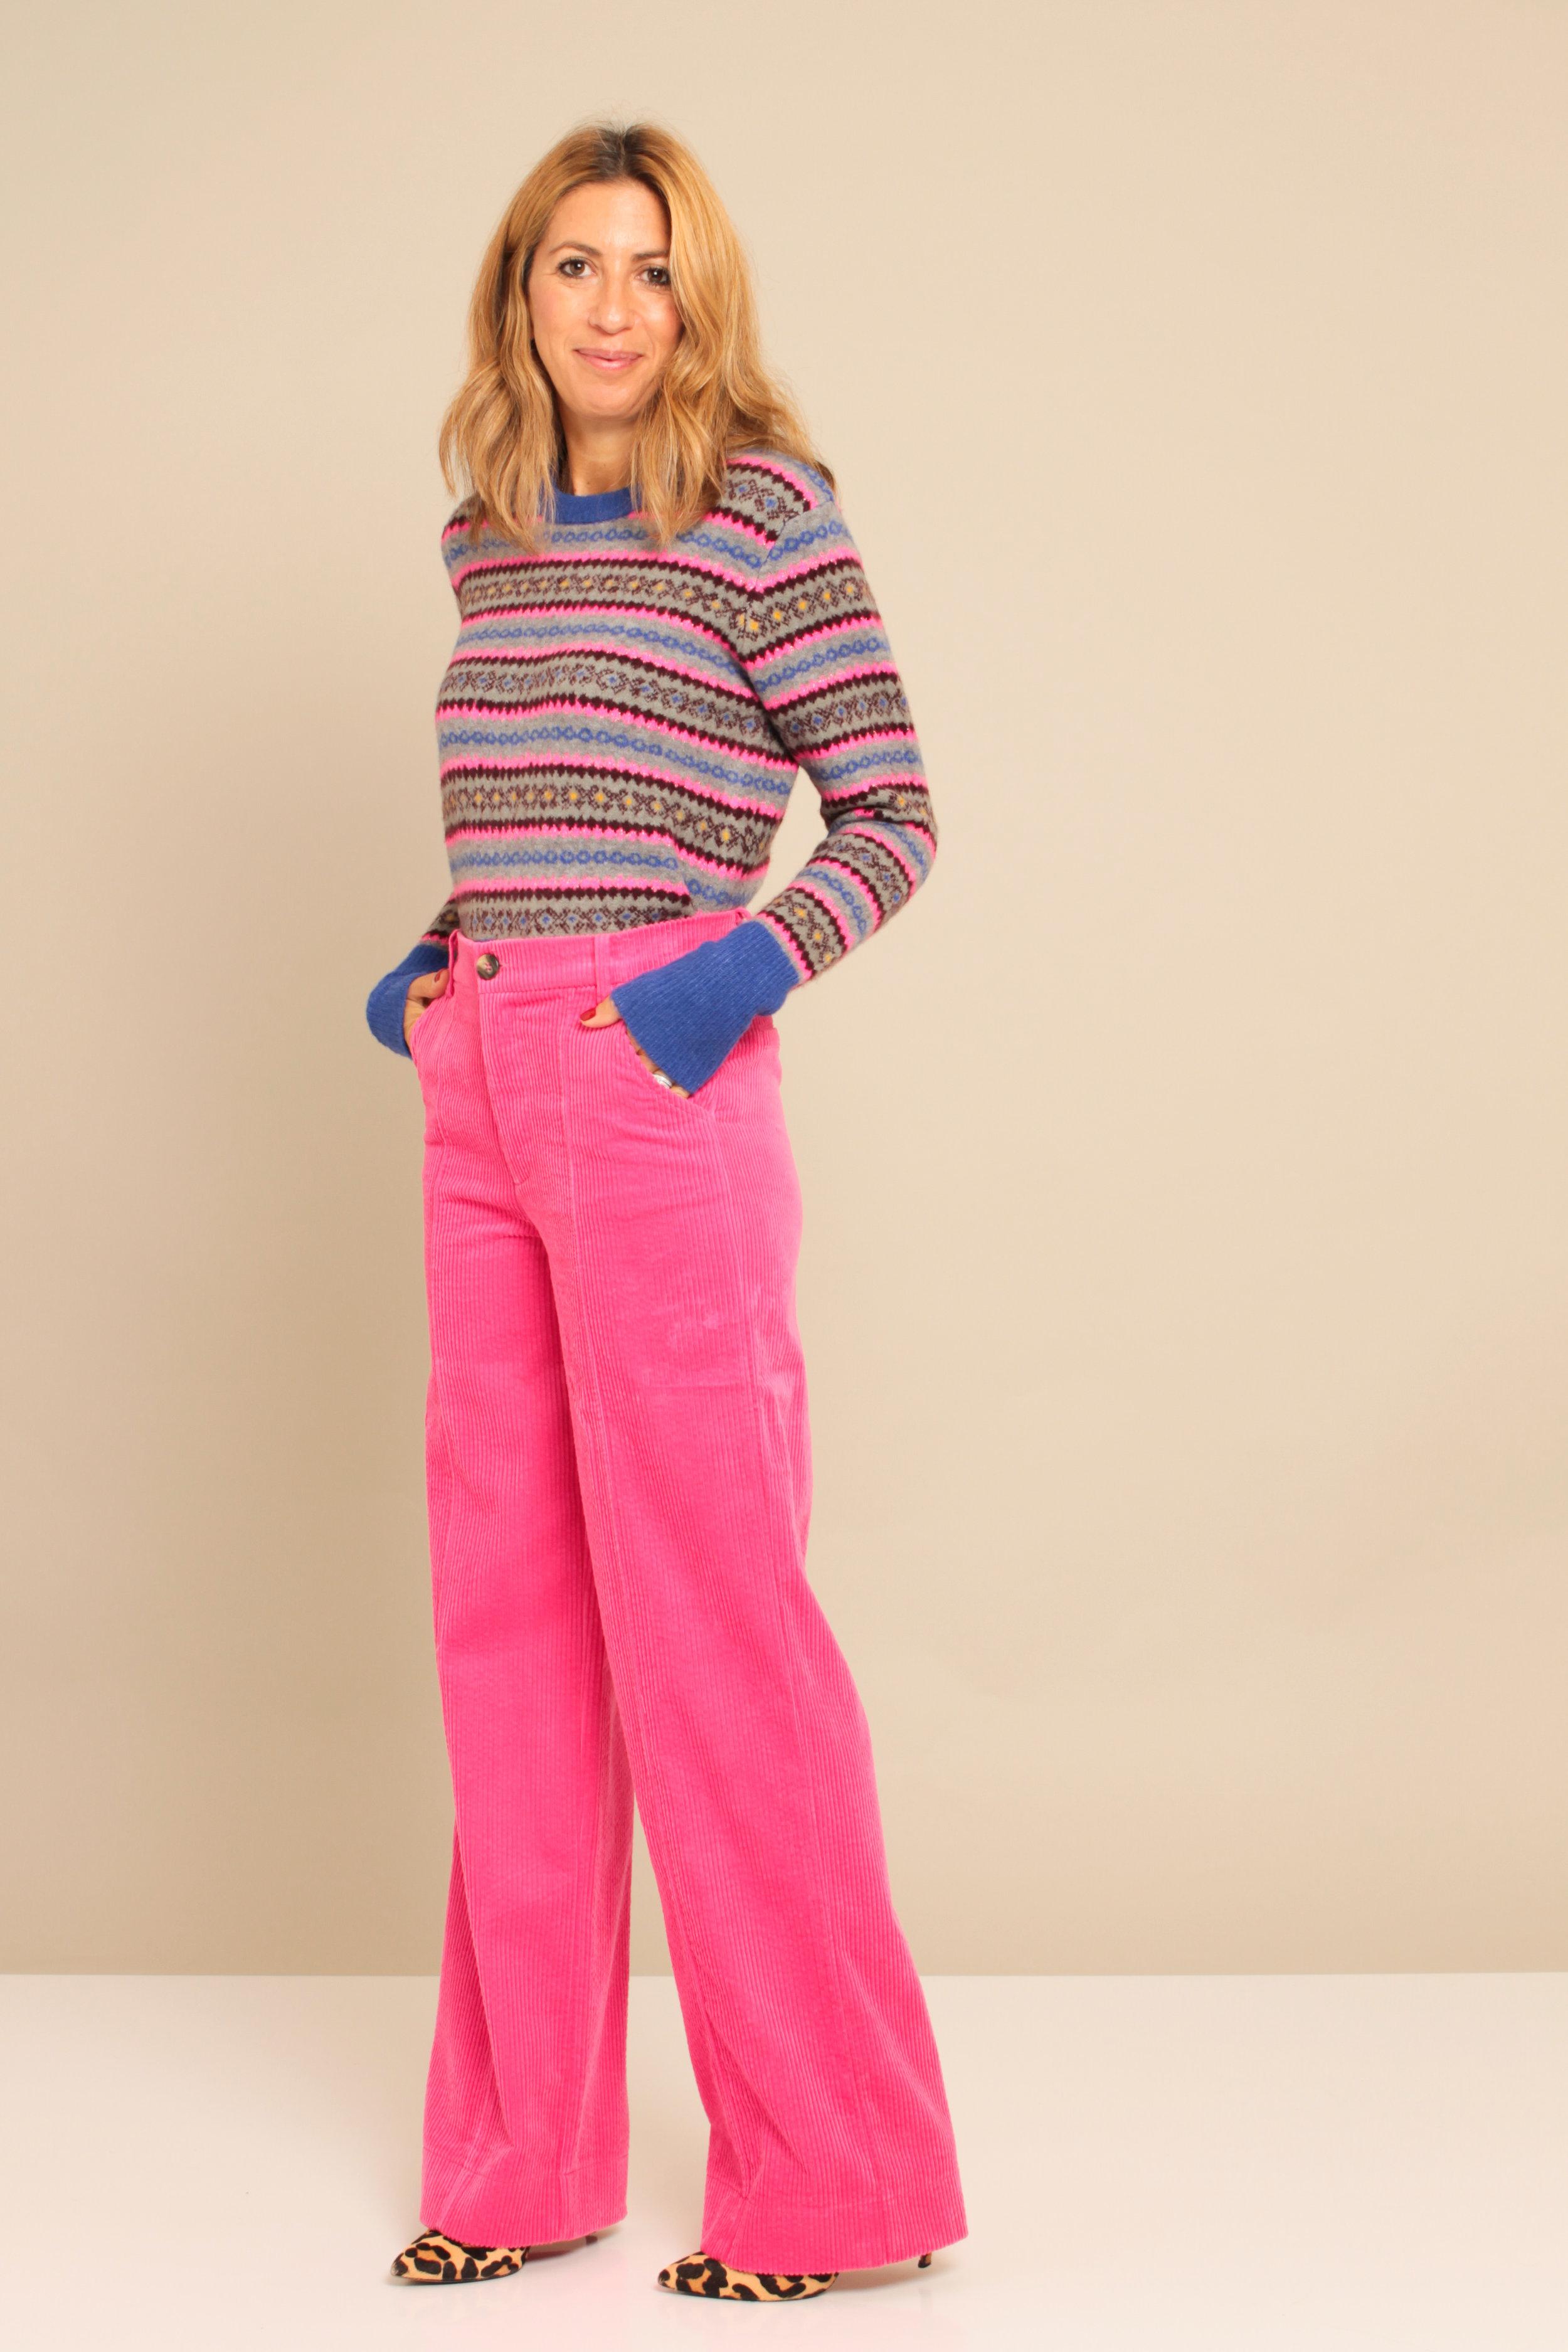 Jumper: £29.99  Zara  Super cute Great colours  Trousers: £29.99  Zara